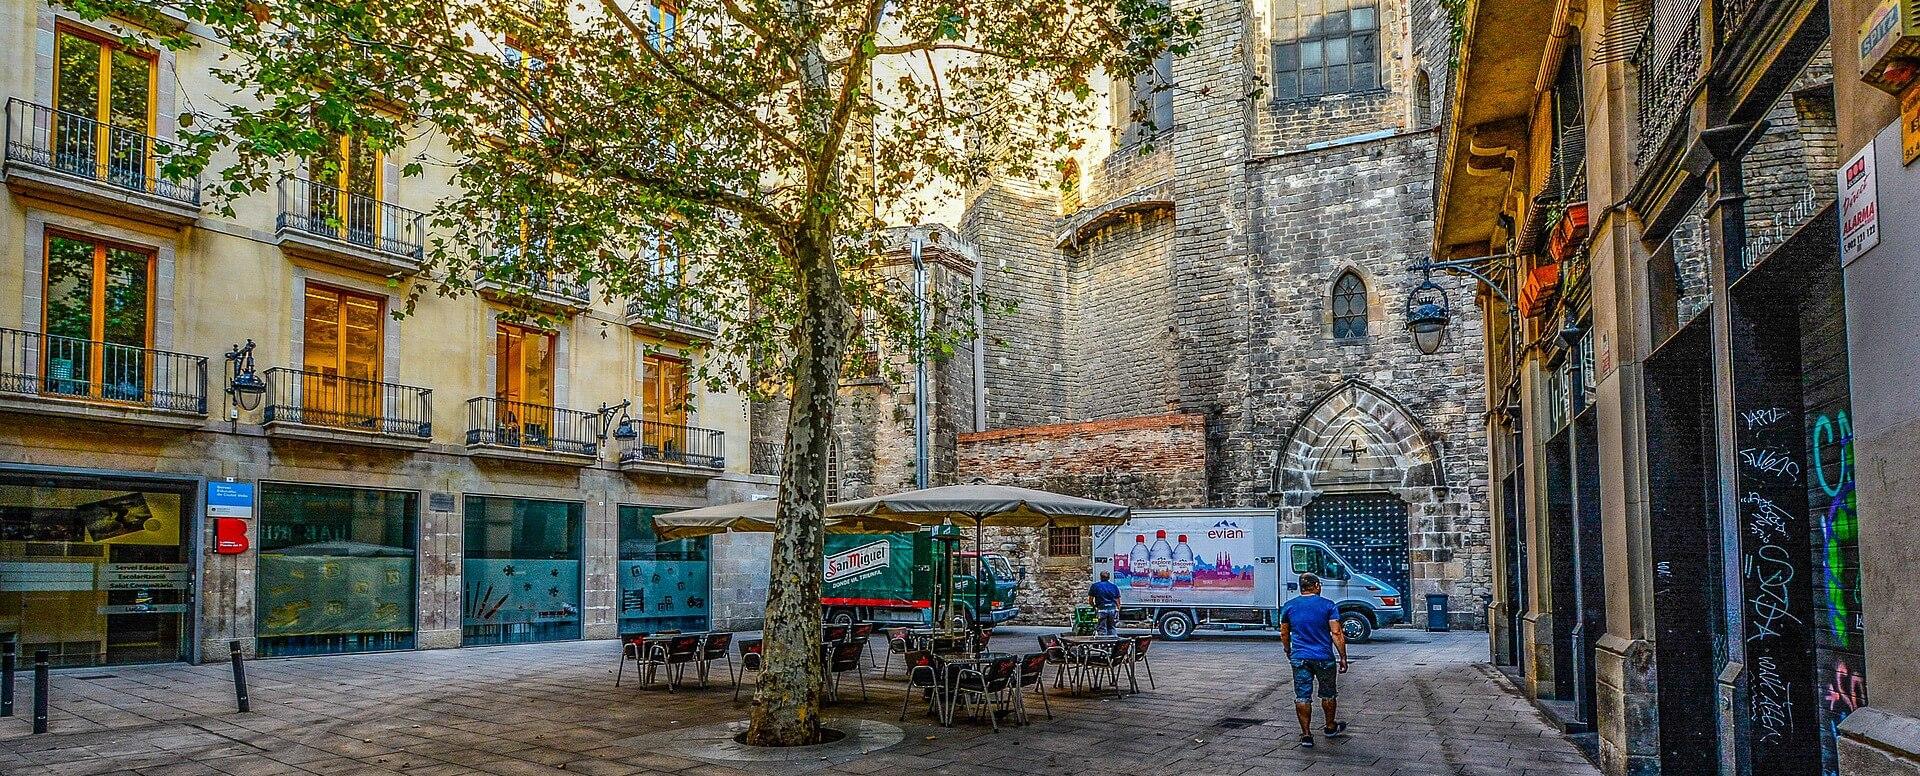 4 - Promenade dans le quartier gothique - Barcelone